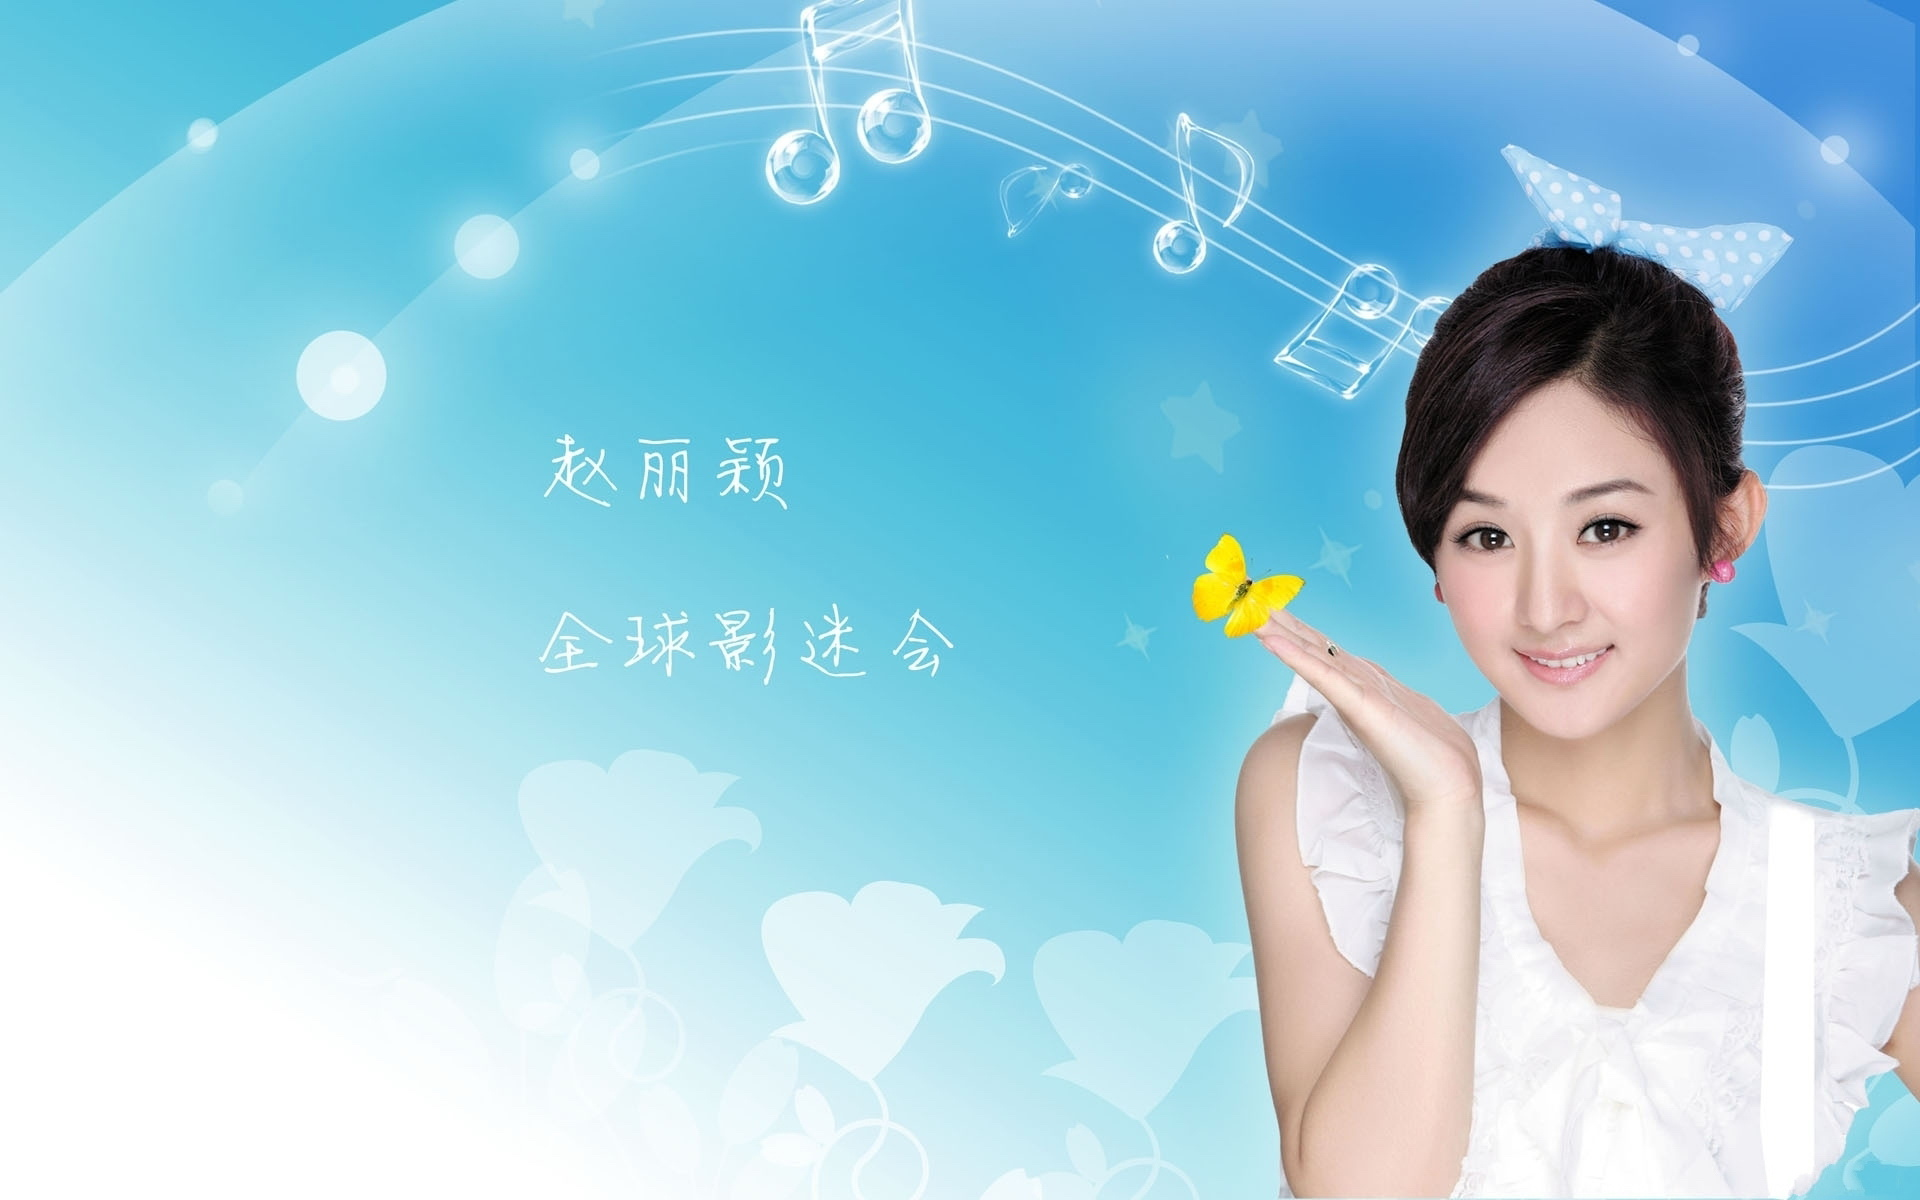 中国女明星-赵丽颖(1920x1200)壁纸